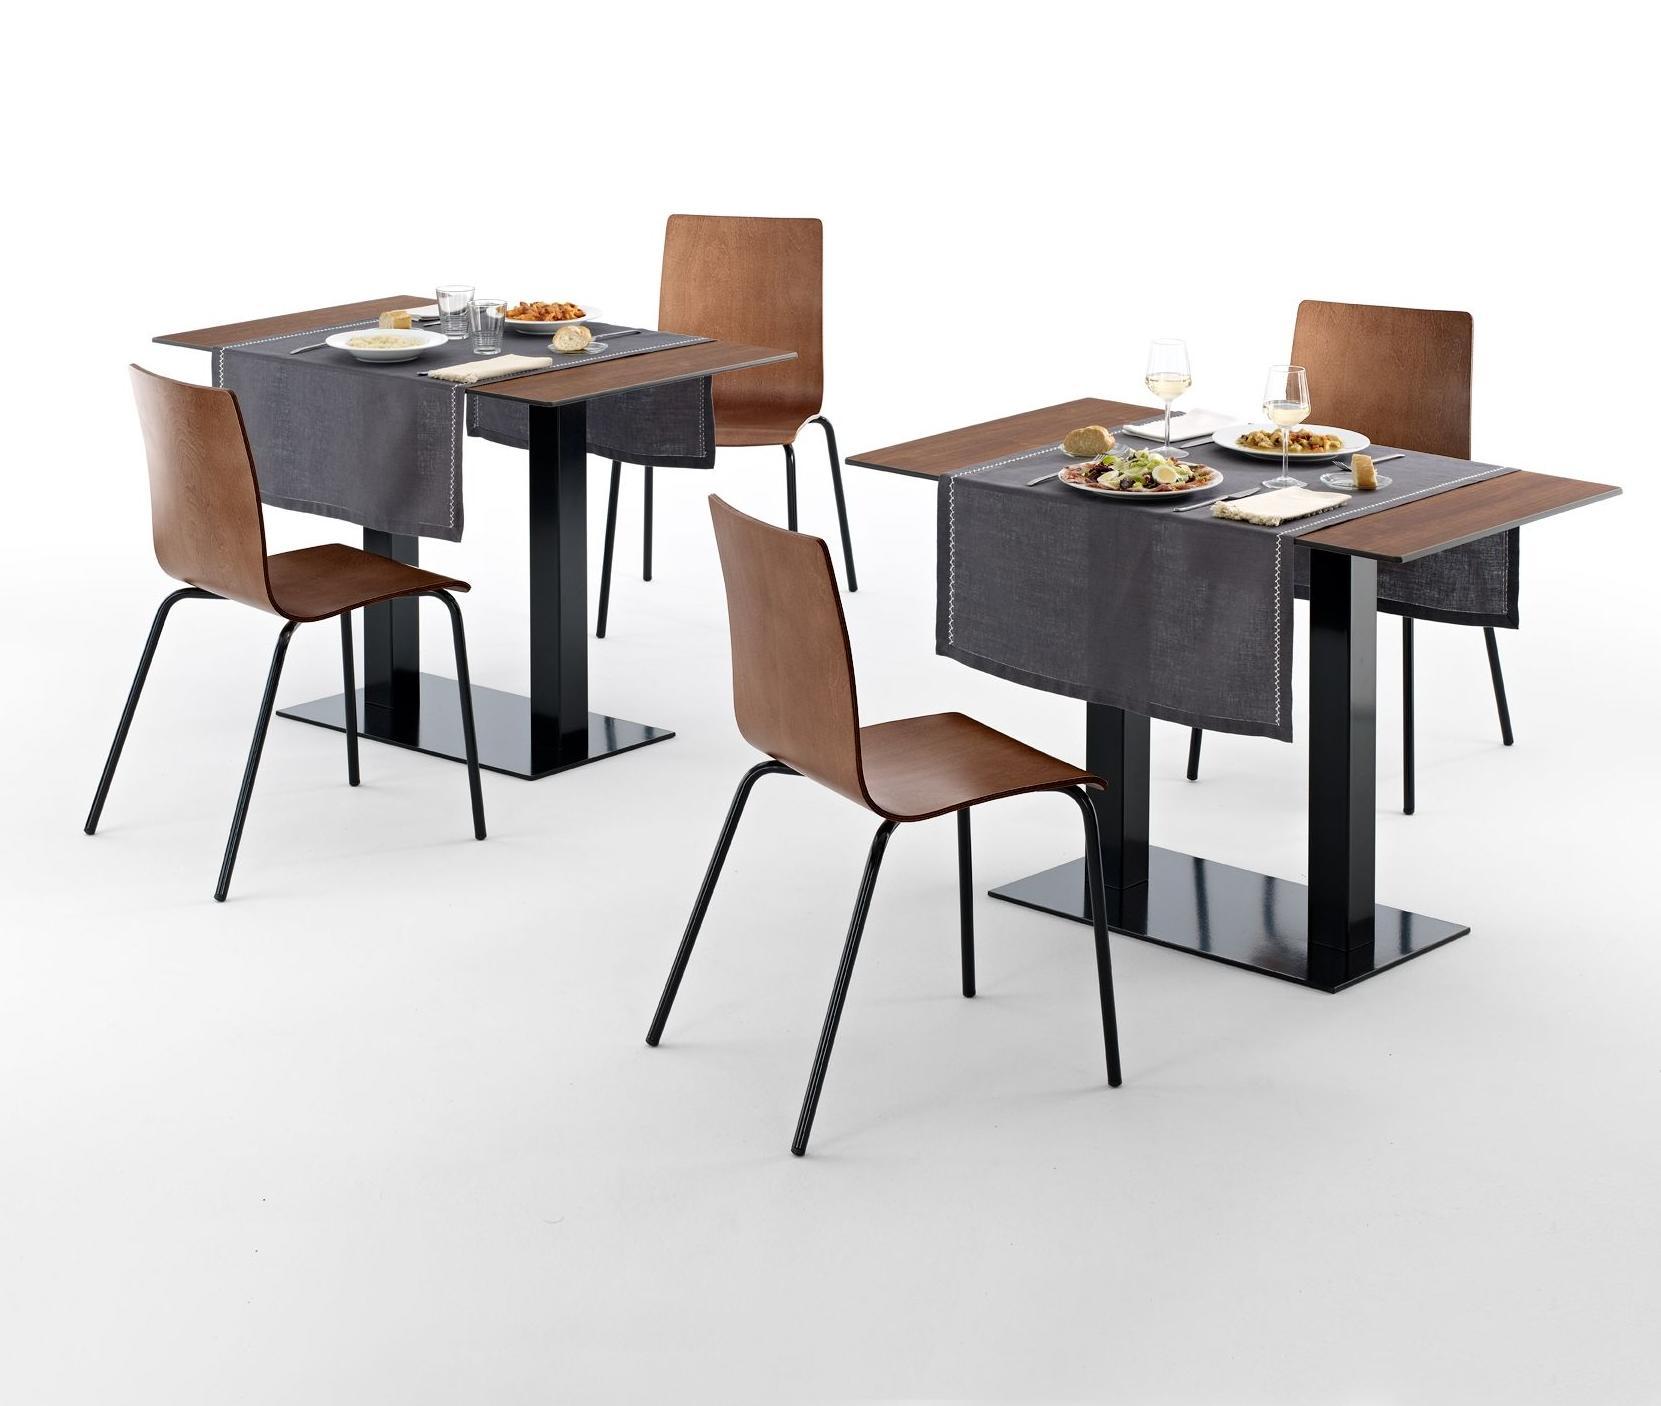 Sillas y mesas color madera para restaurantes